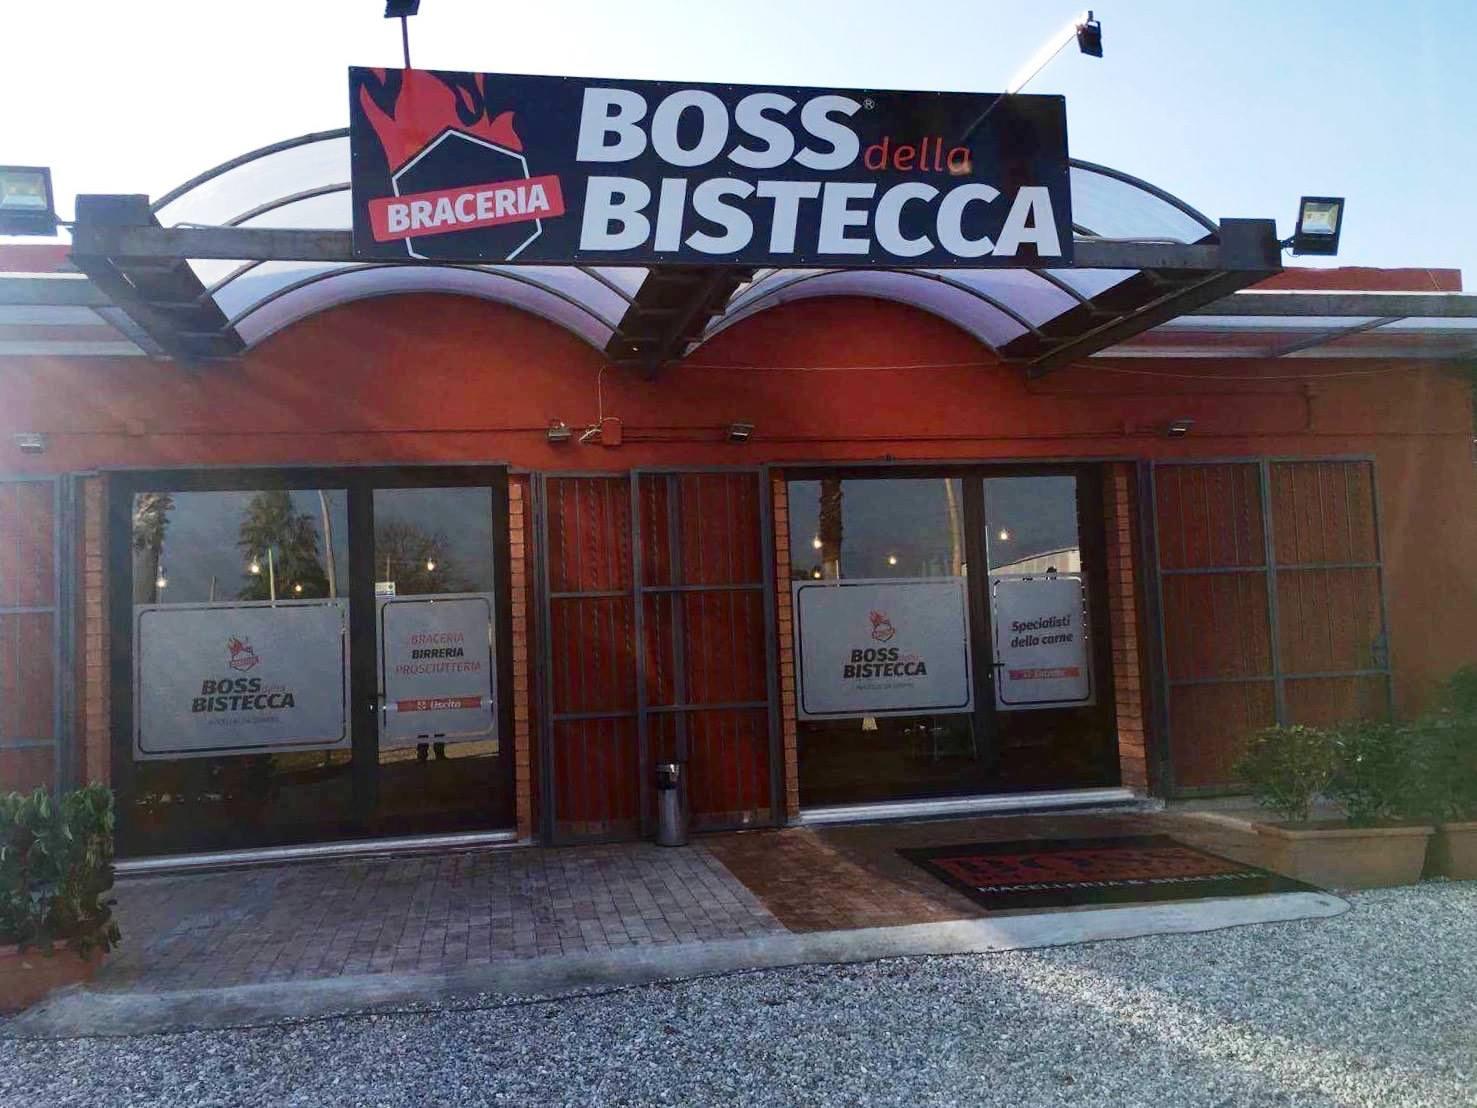 esterno di un edificio di color rosso con sopra un' insegna con scritto Braceria Boss della Bistecca e vicino all'entrata dei vasi con delle piante un posacenere in metallo e un tappeto